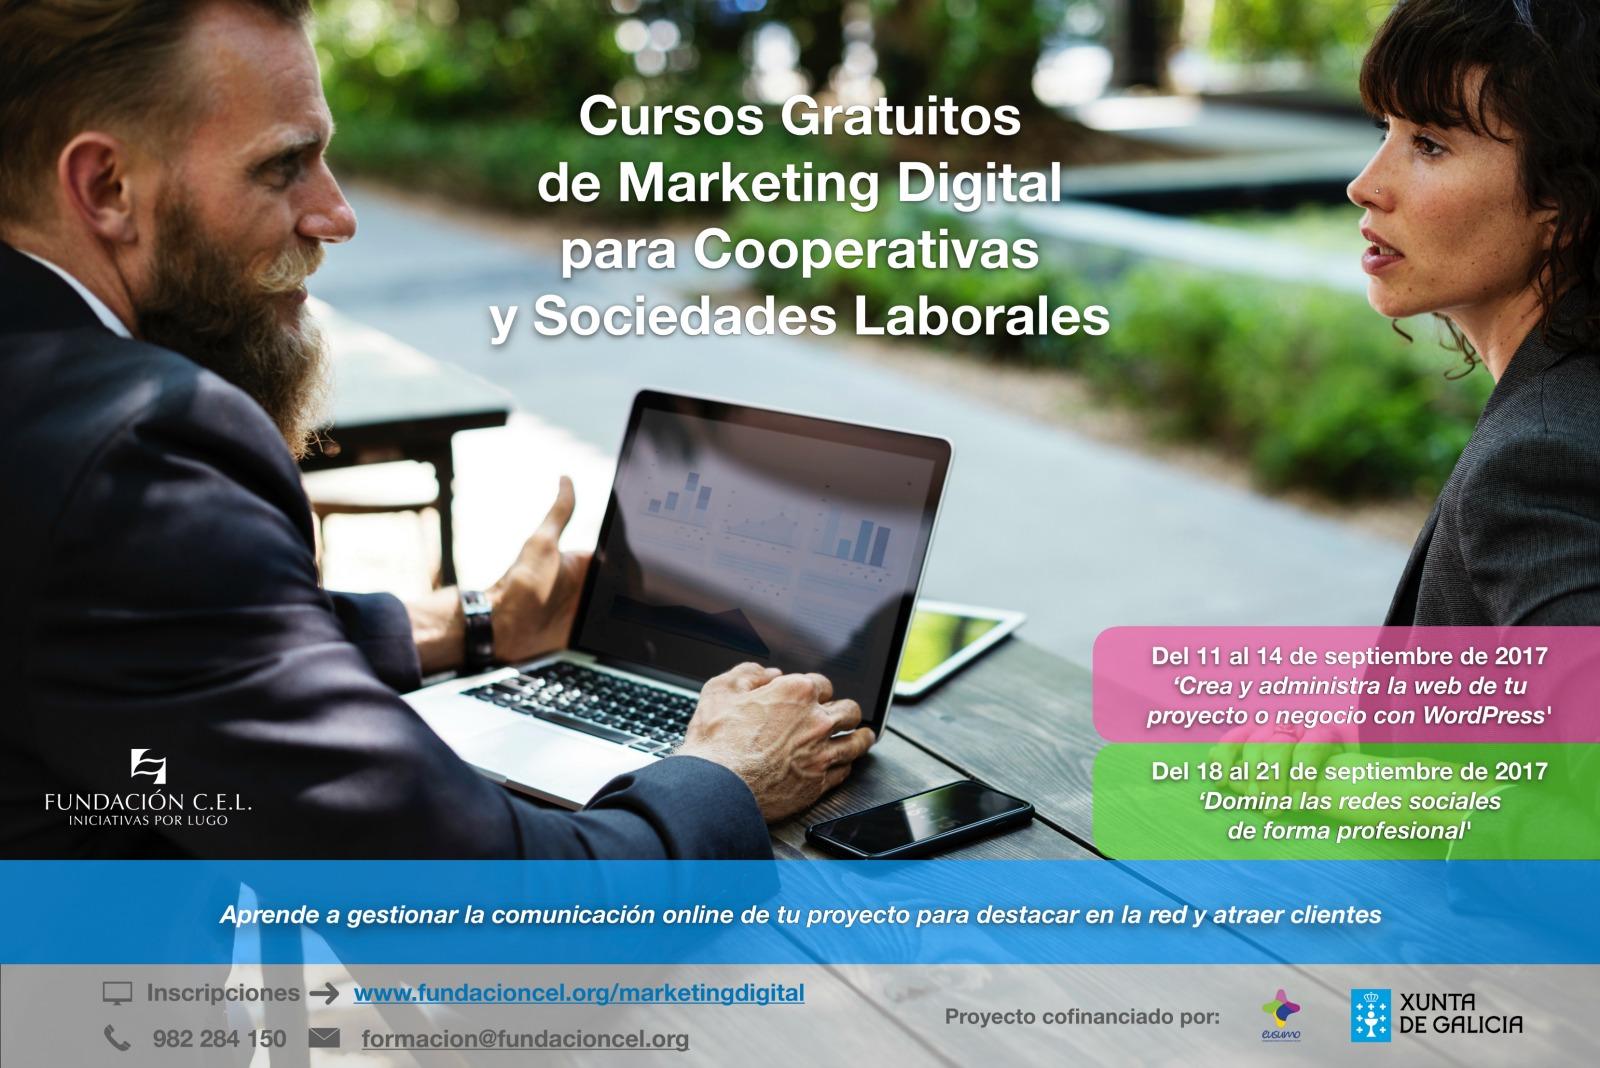 Marketing Digital para Cooperativas y Sociedades Laborales